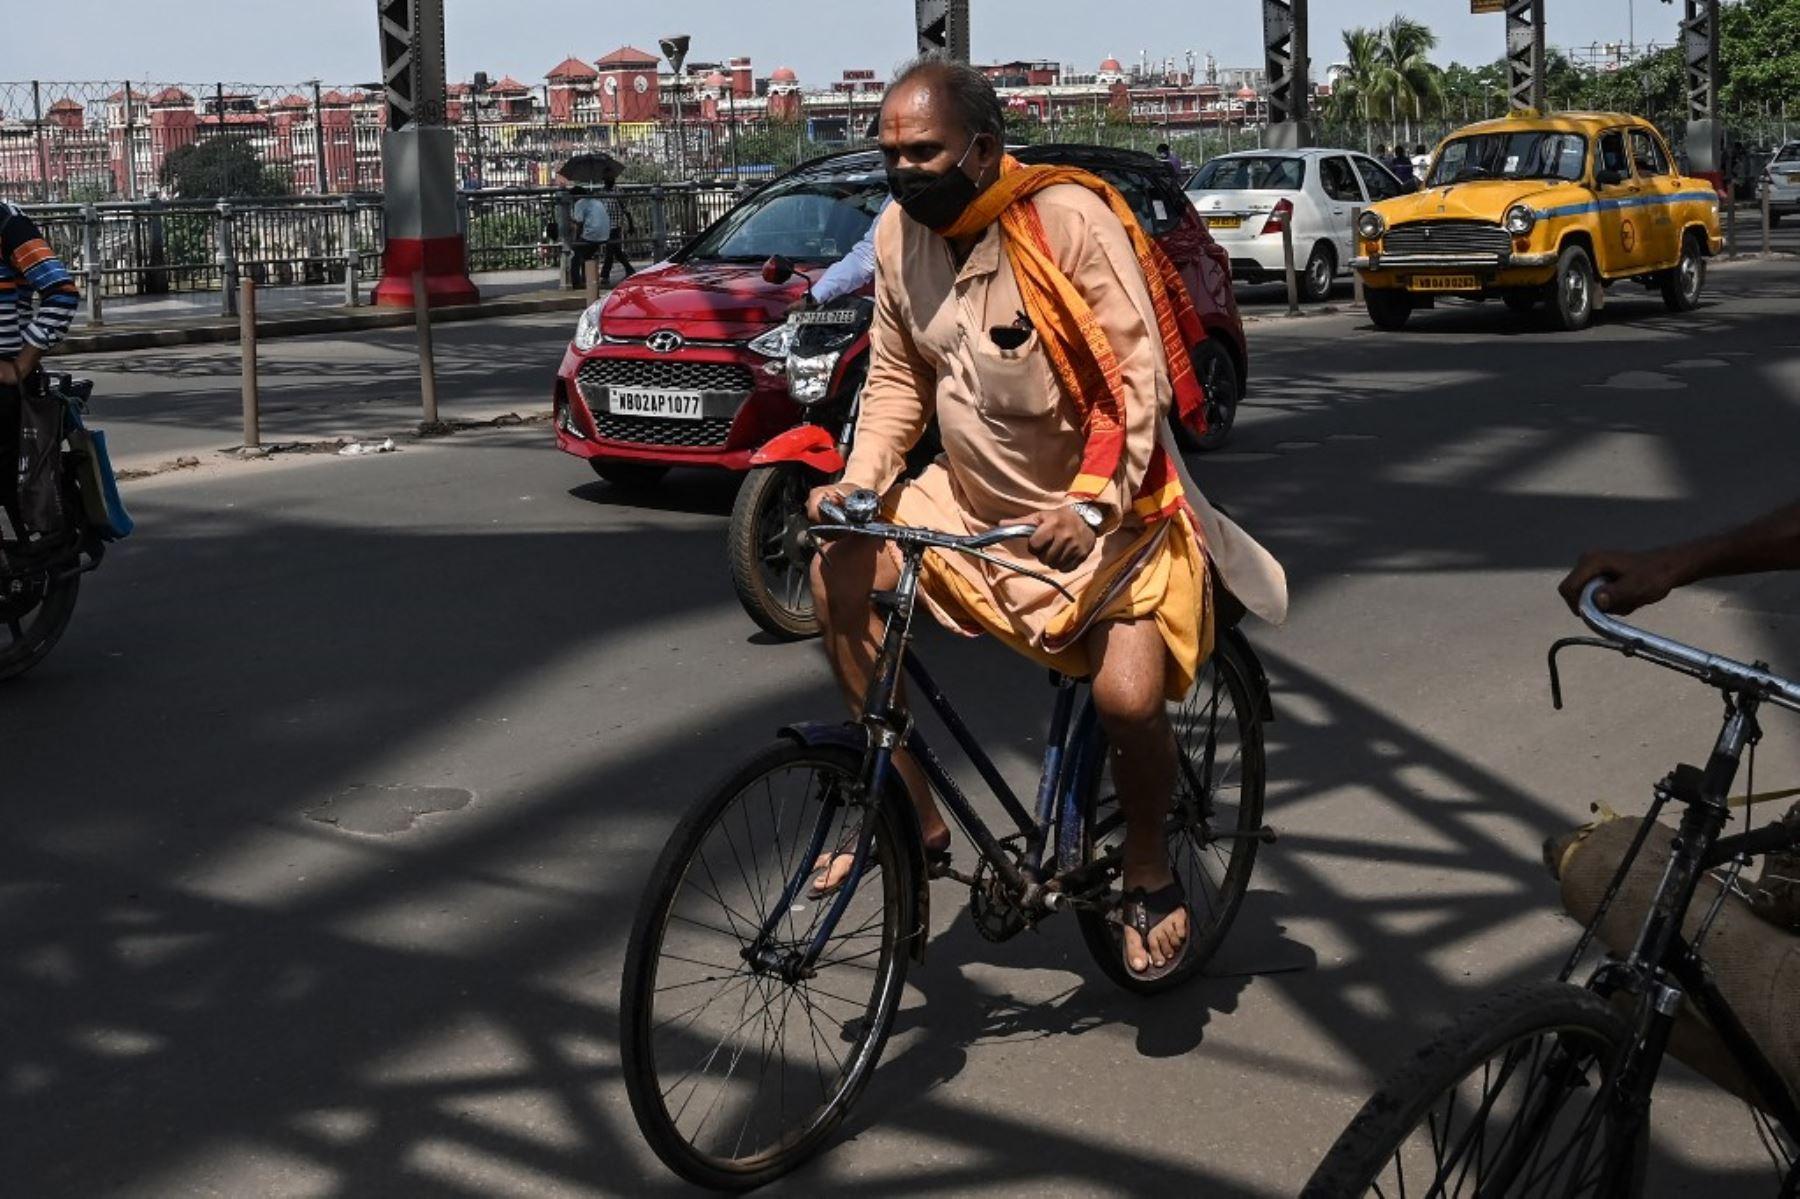 Un hombre cruza el puente Howrah en su bicicleta mientras el gobierno estatal suspendió el transporte público regular durante un bloqueo impuesto para frenar la propagación del coronavirus Covid-19, en Calcuta el 23 de junio de 2021. Foto: AFP